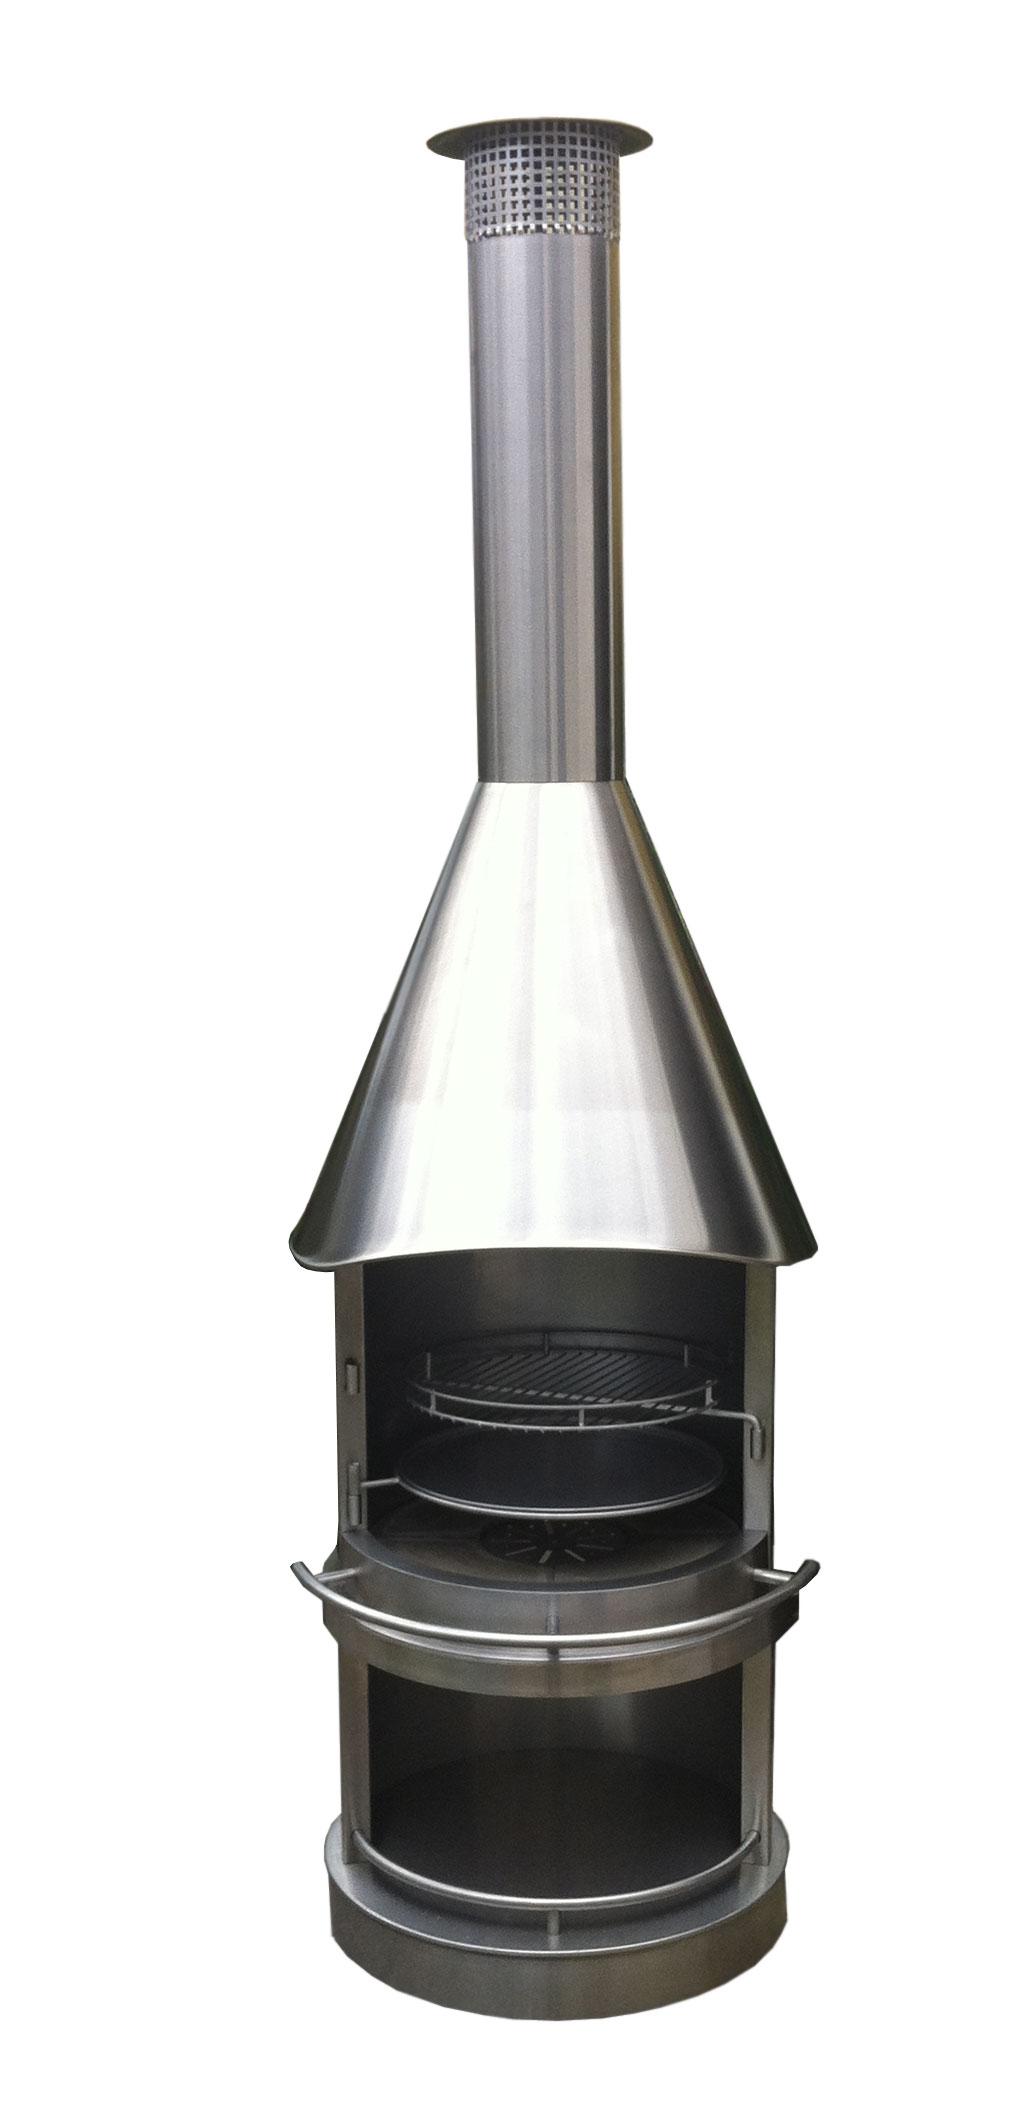 gartenkamin grillkamin firestar edelstahl exklusiv edelstahl dn 800 bei. Black Bedroom Furniture Sets. Home Design Ideas